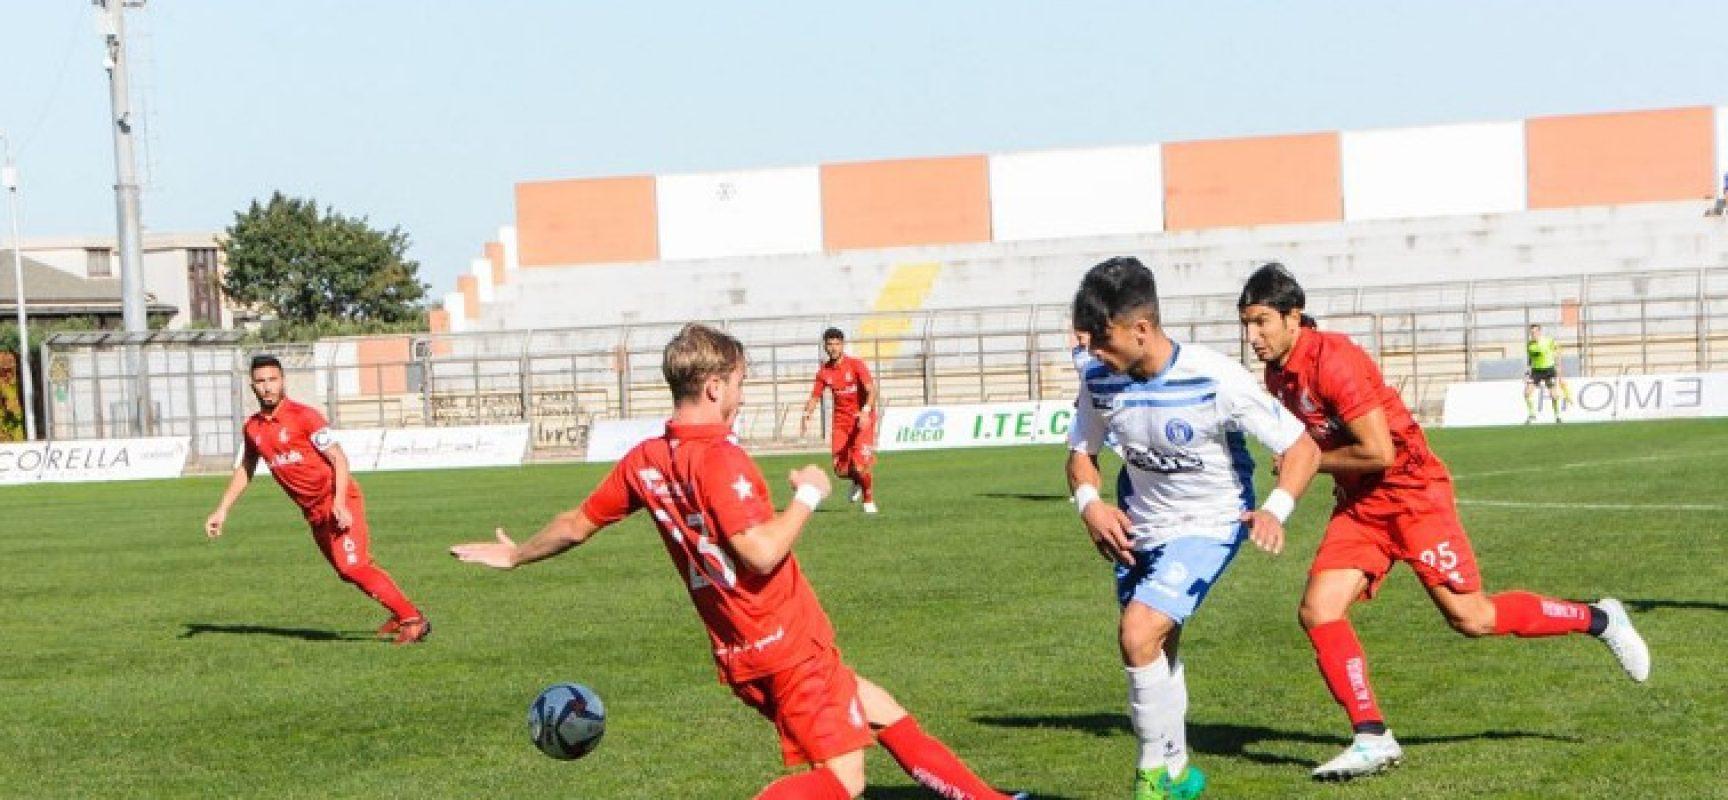 Unione Calcio, sfida casalinga contro la rivelazione Fortis Altamura